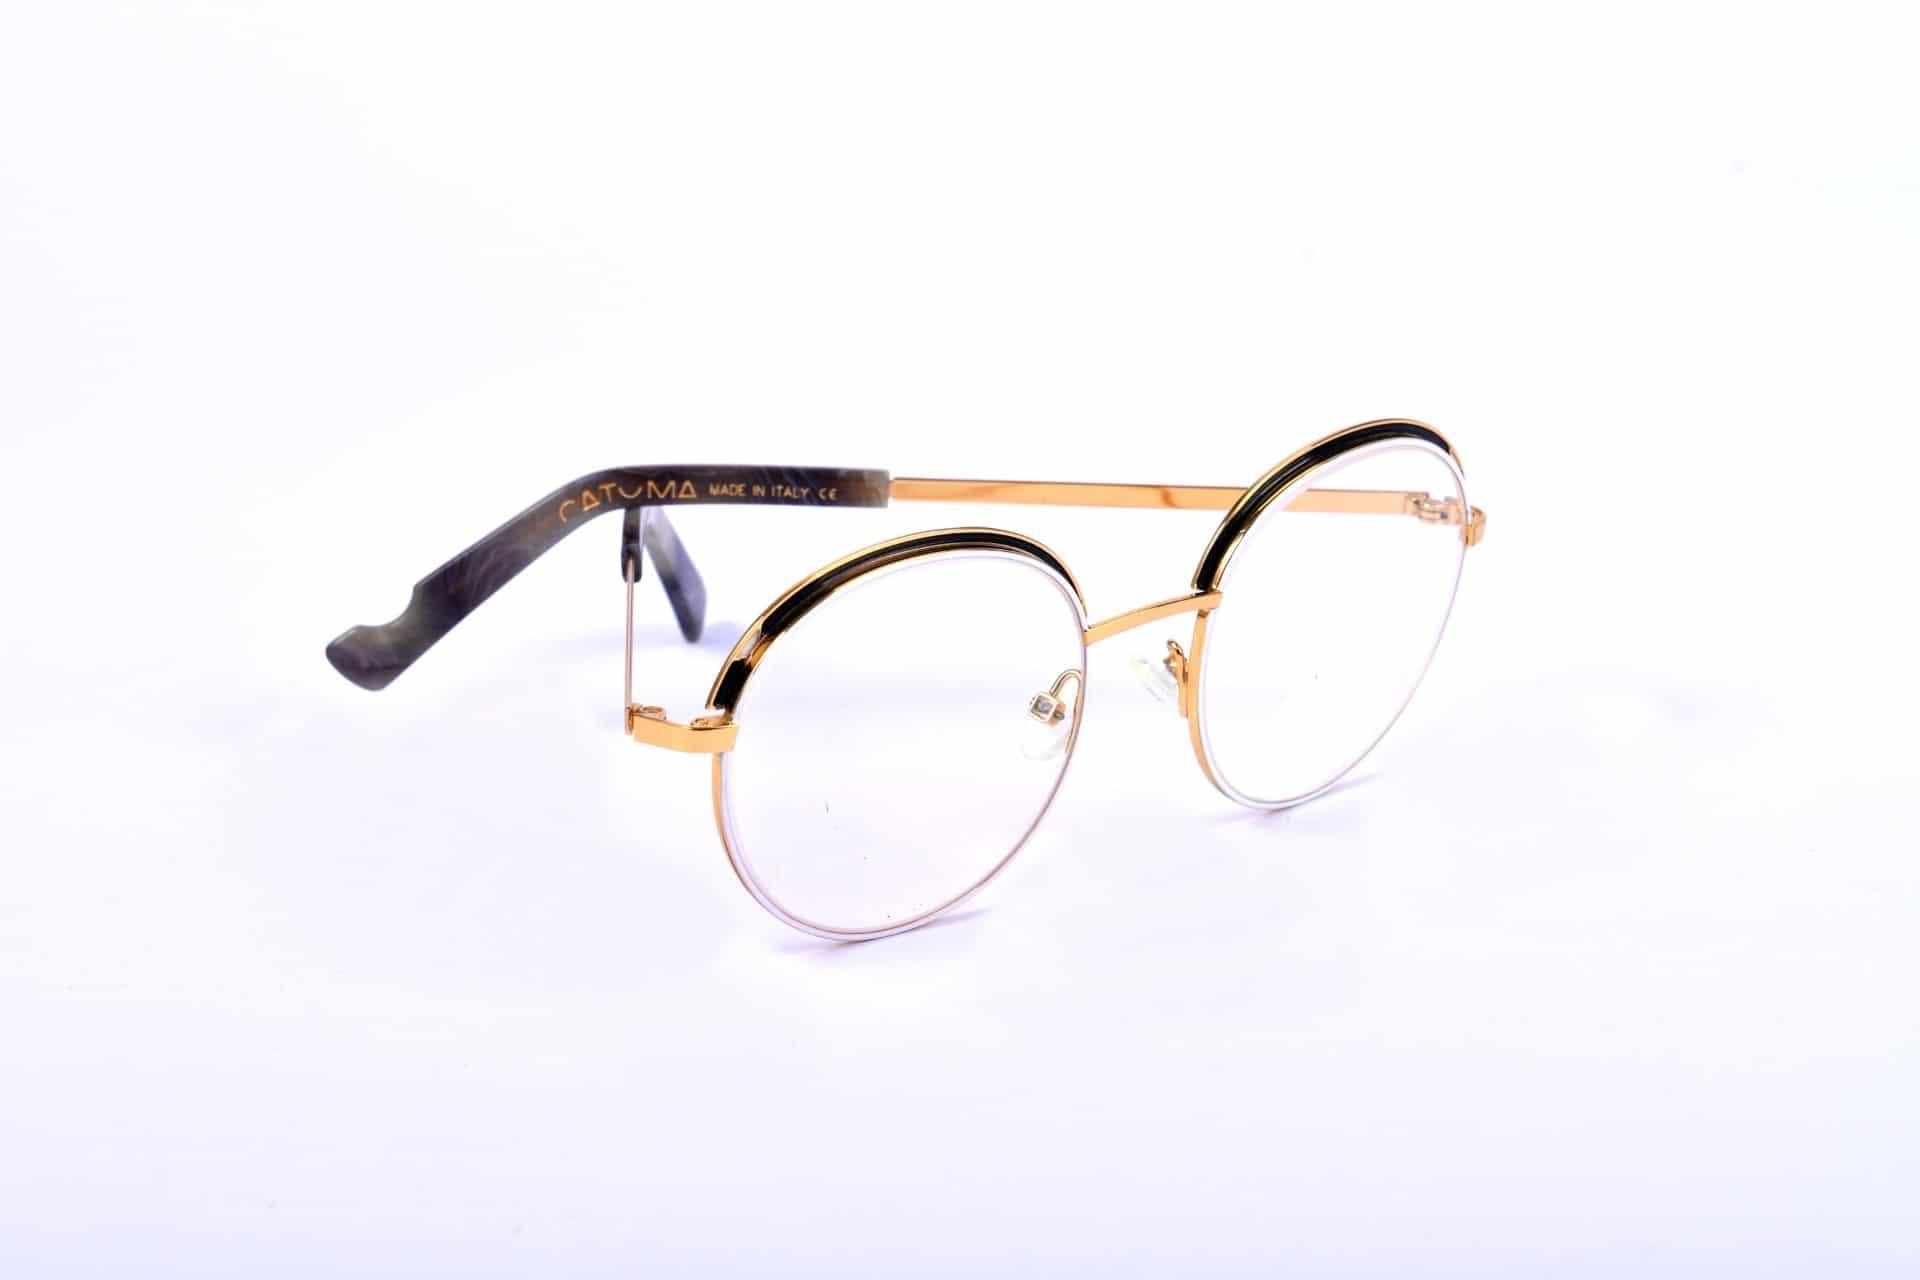 משקפי ראיה איכותיות - אופטיקה יפעת, אופטיקאית מומלצת בנתניה